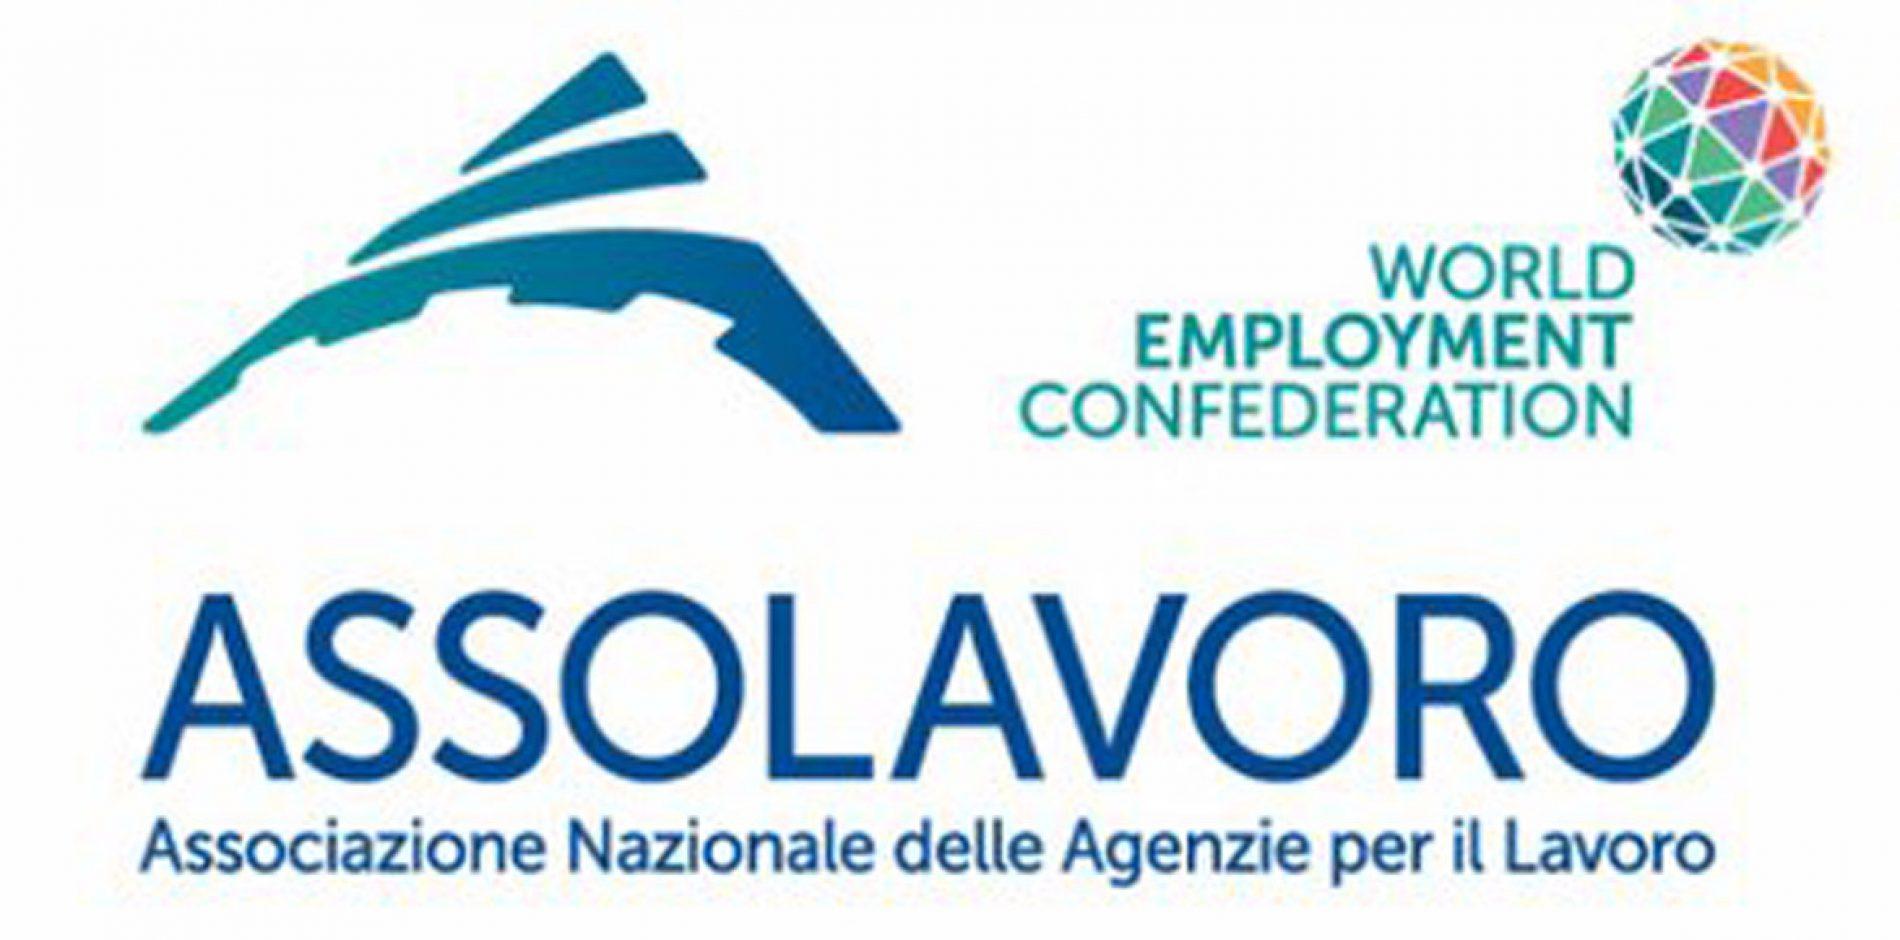 Assolavoro: prescrizioni limitative alla somministrazione a termine del lavoratore assunto con contratto a tempo indeterminato dall'Agenzia per il Lavoro.